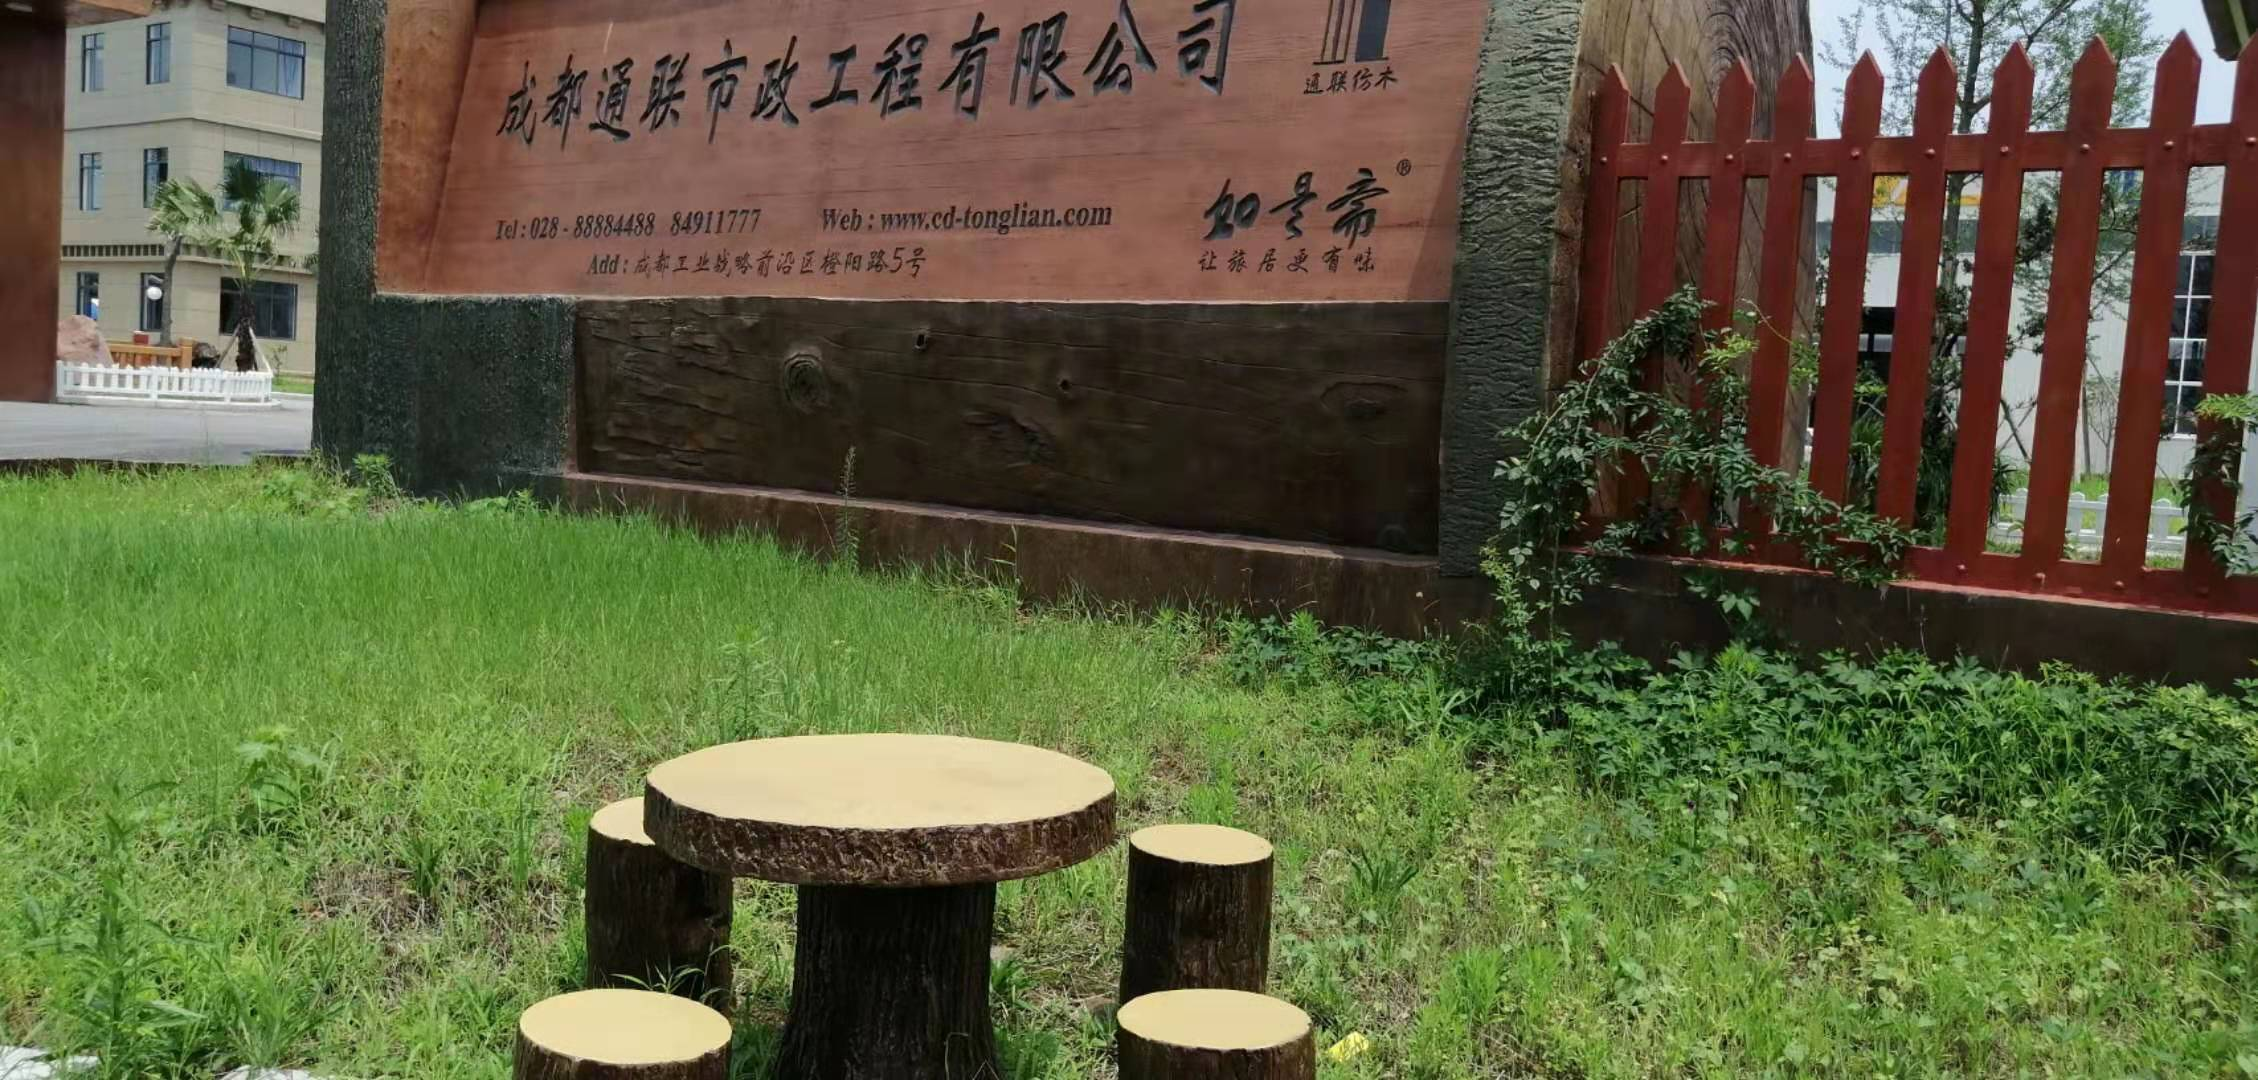 成都通联大门口仿木桌凳